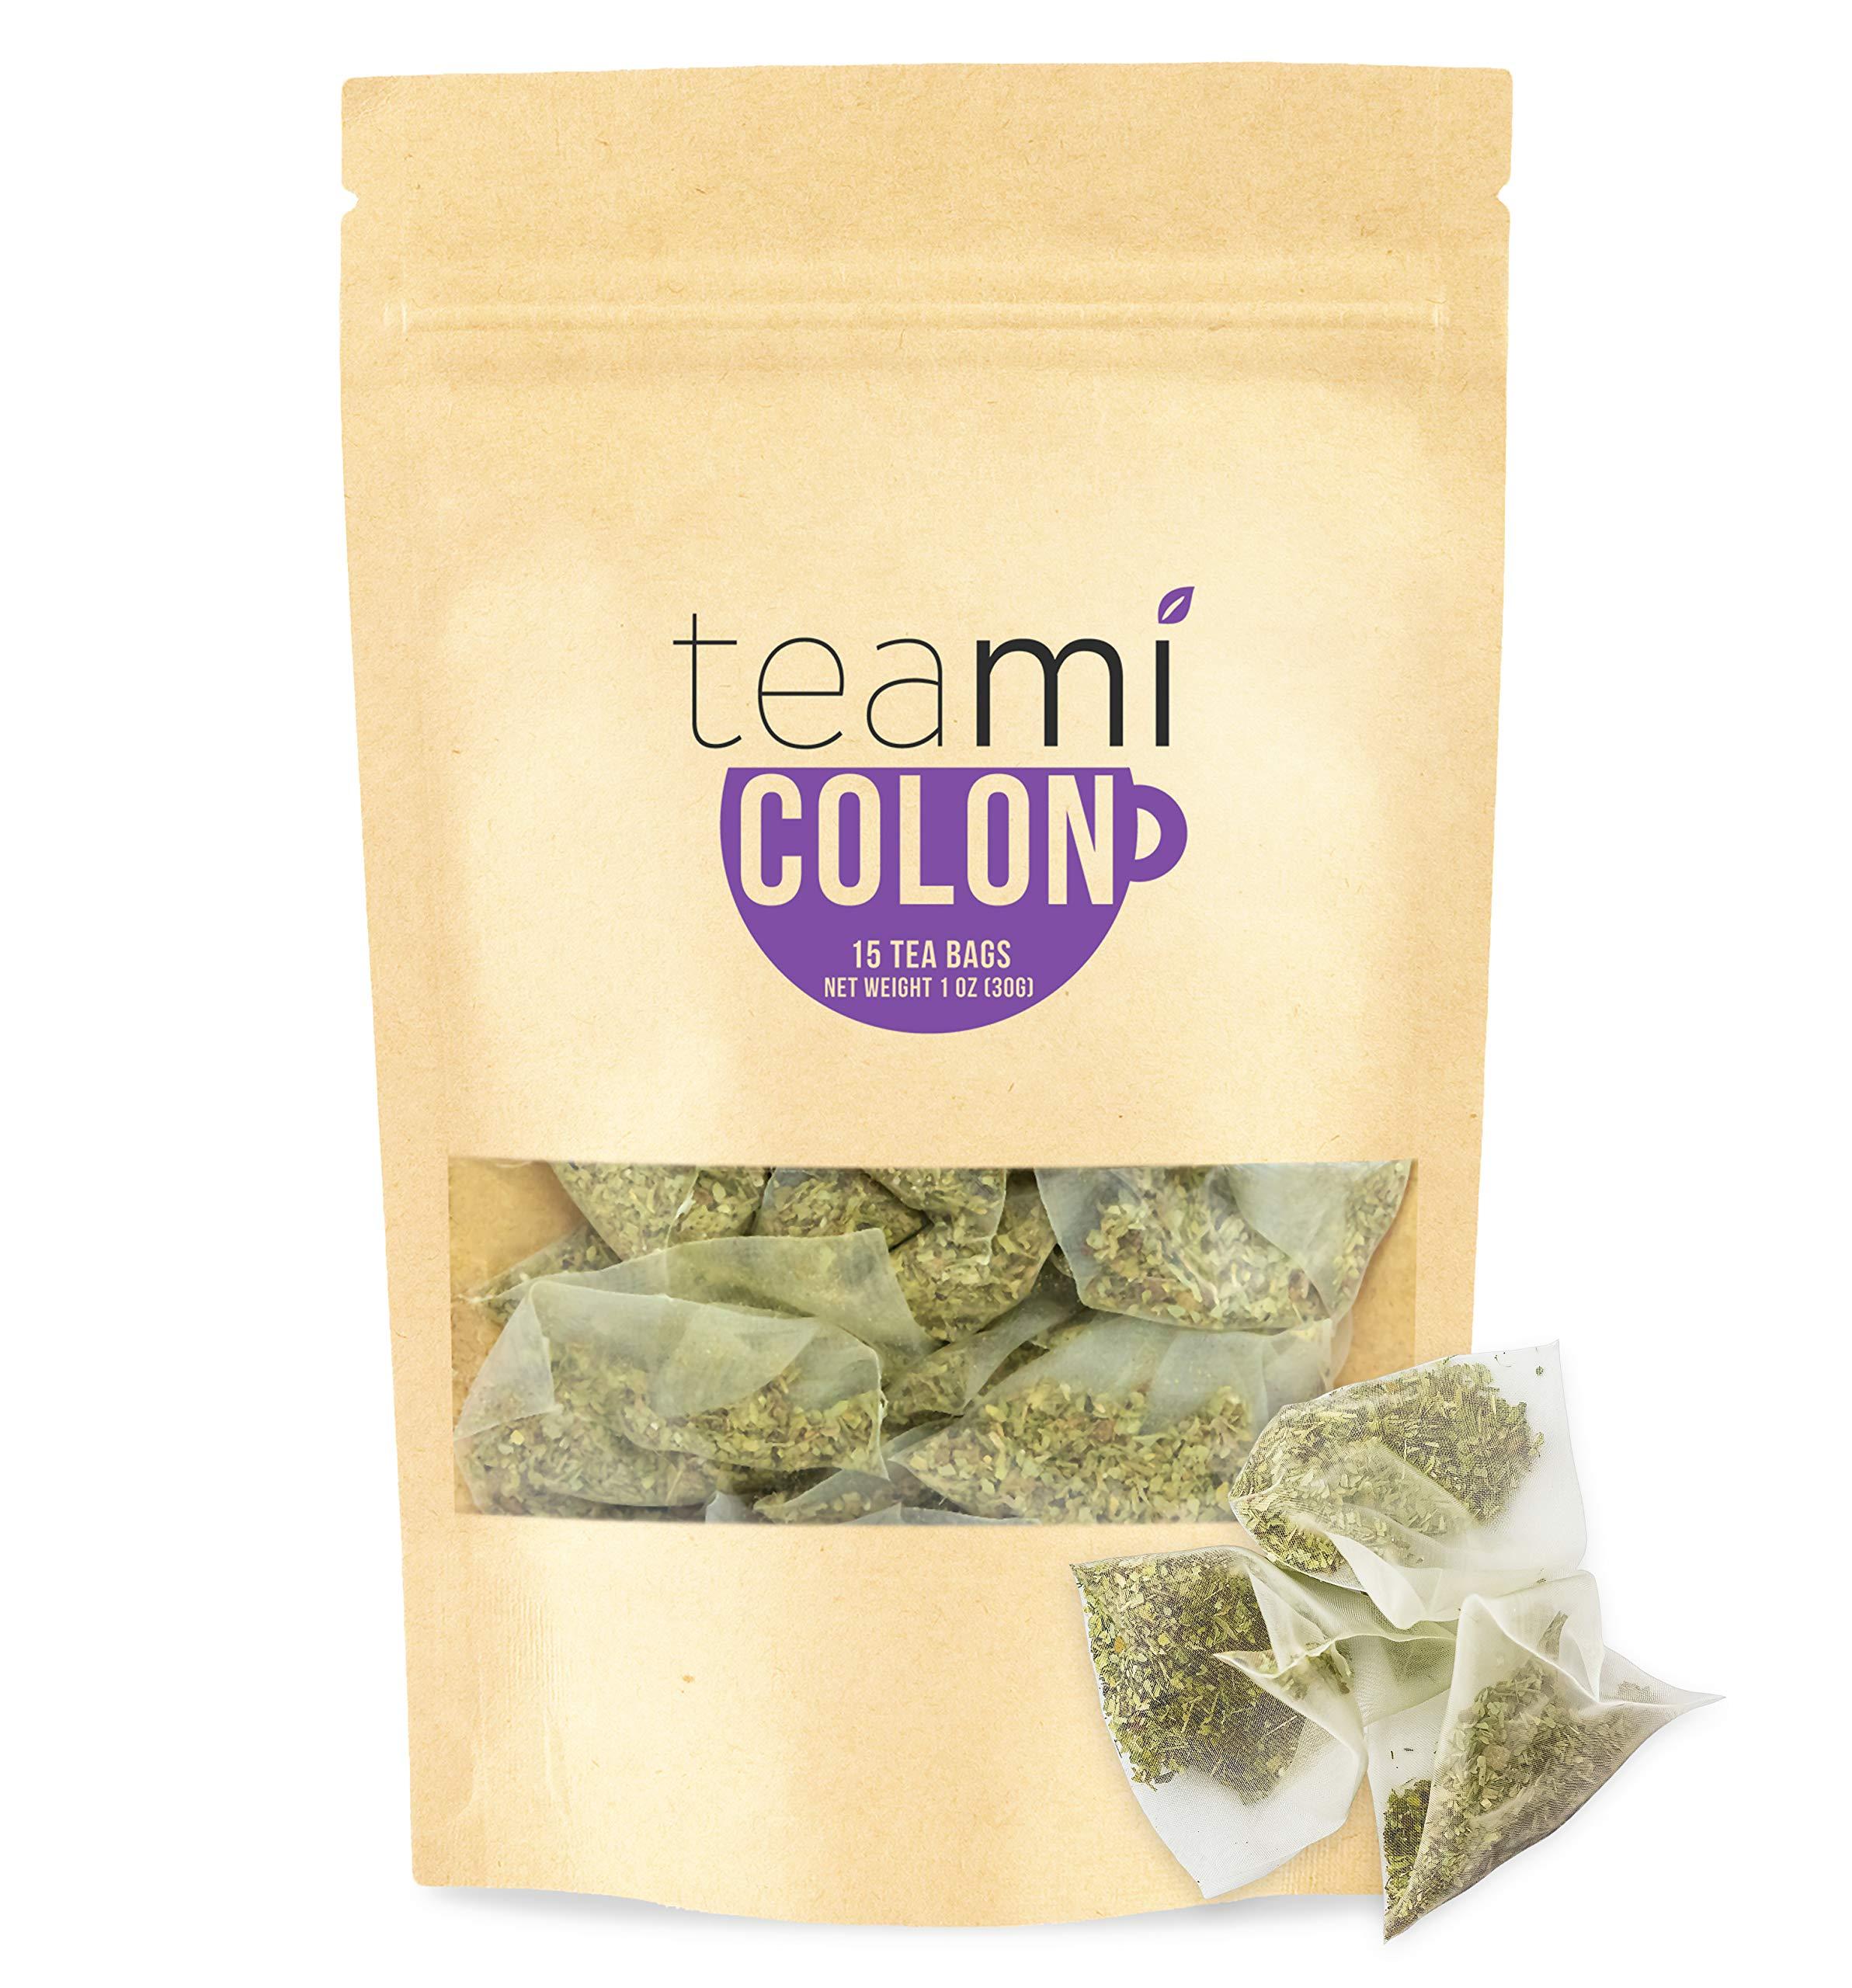 Teami%C2%AE Colon Cleanse Detox Tea